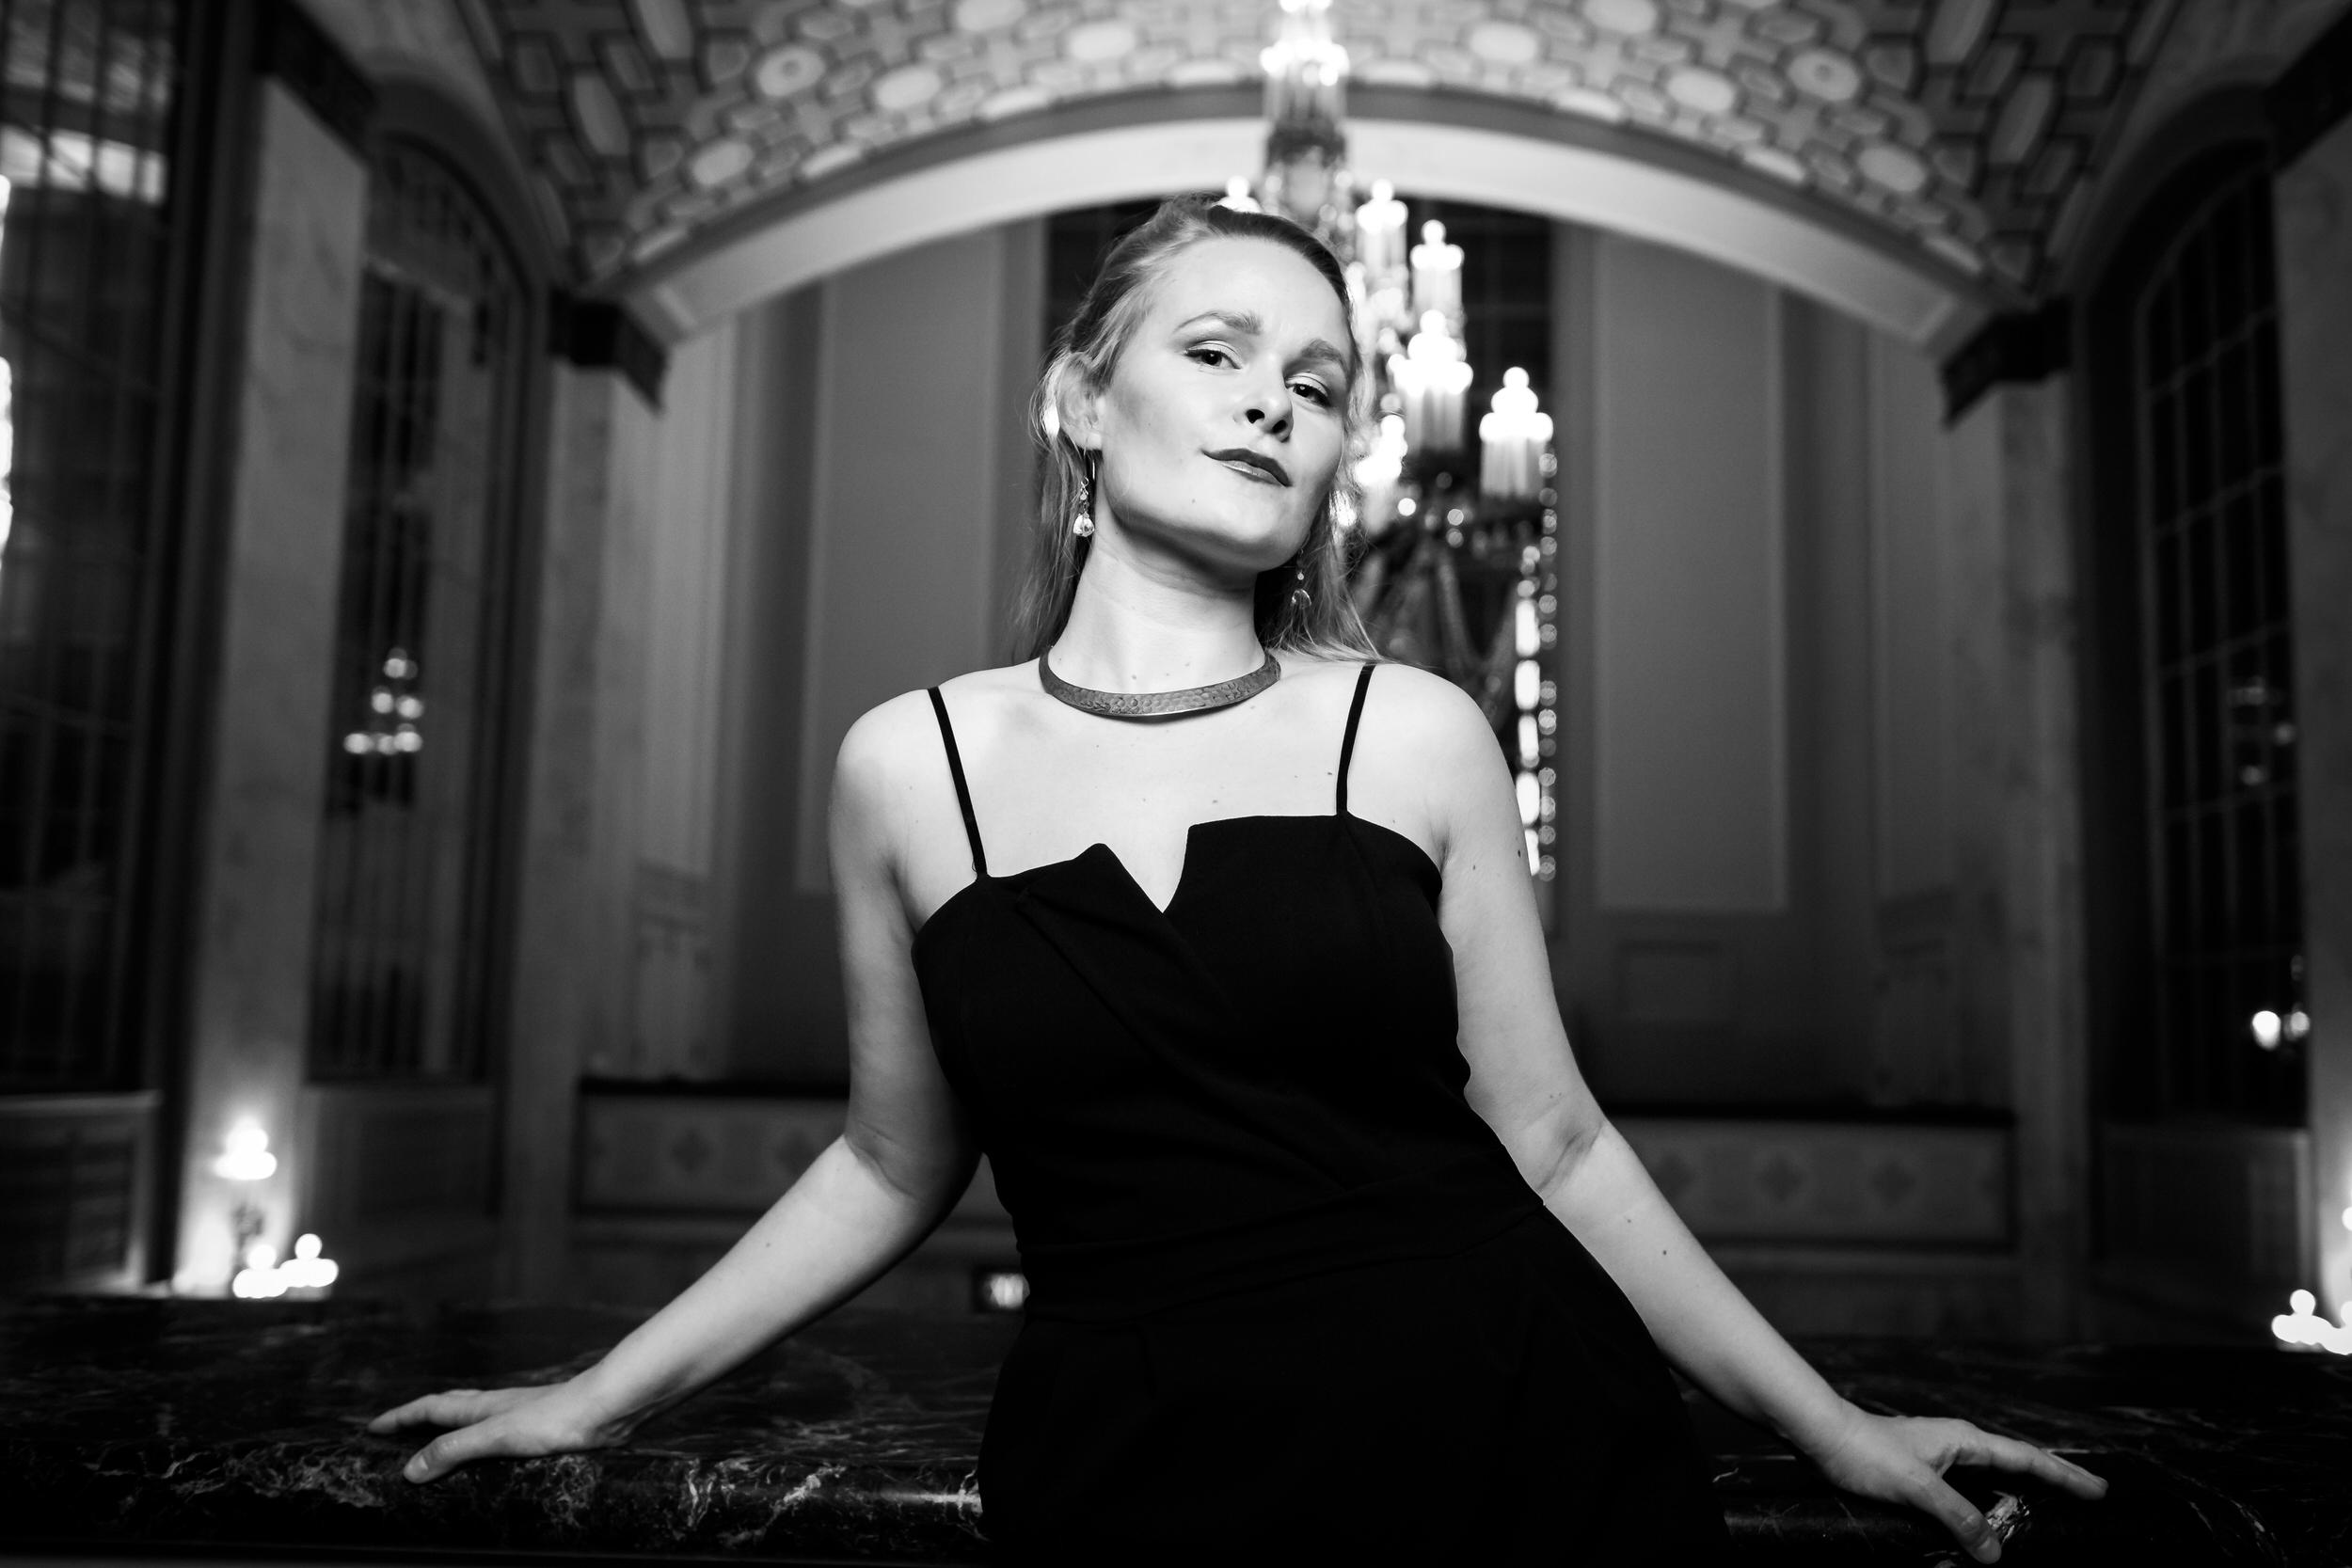 Siena_Licht_Miller_Opera_Singer_arlene_schnitzer_014